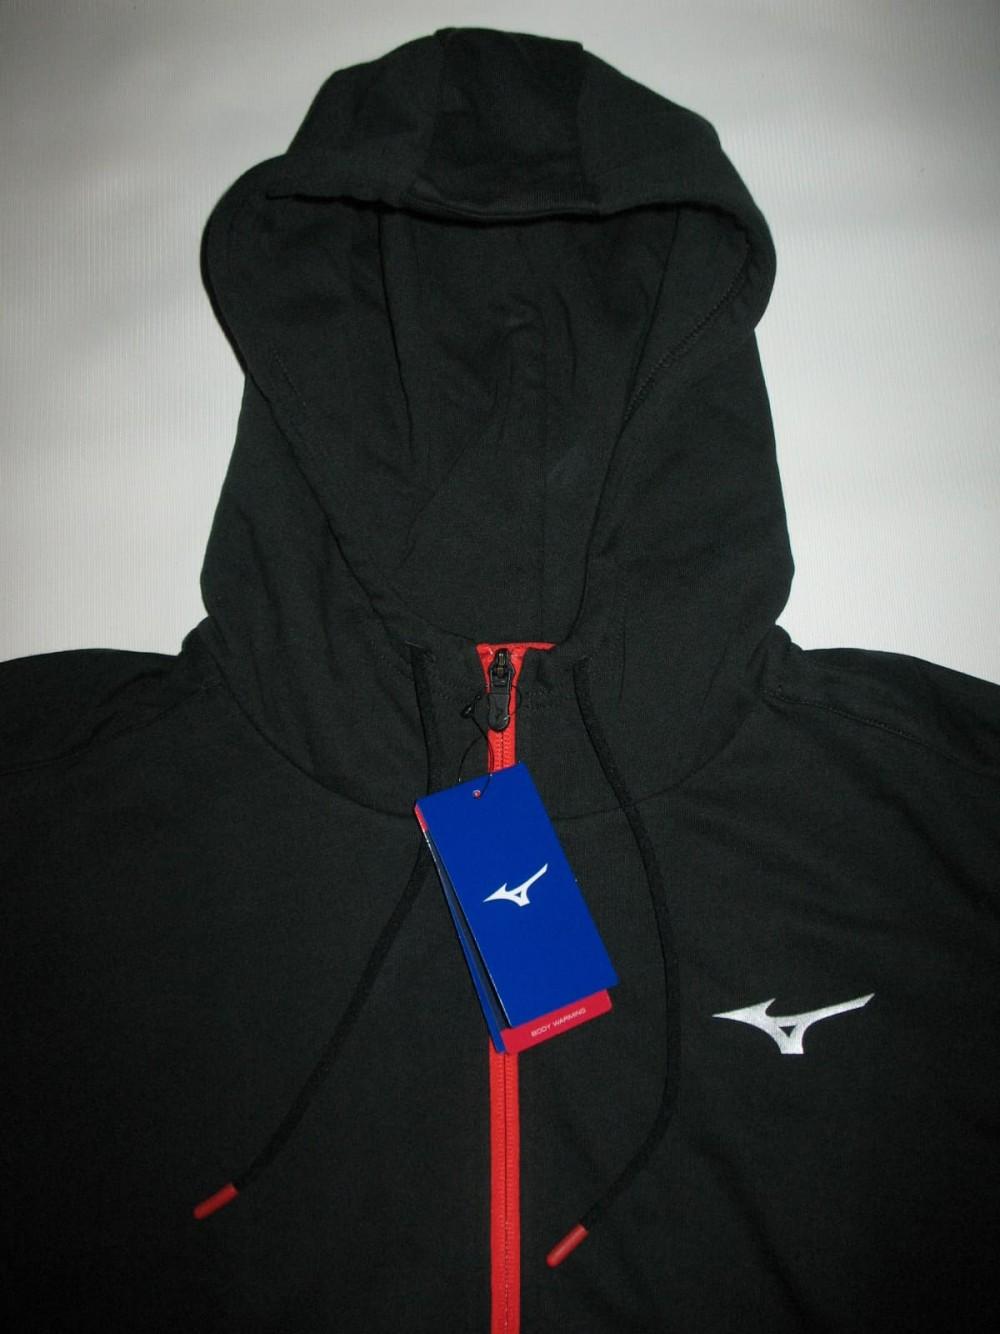 Кофта MIZUNO heritage zip hoody (размер L) - 3